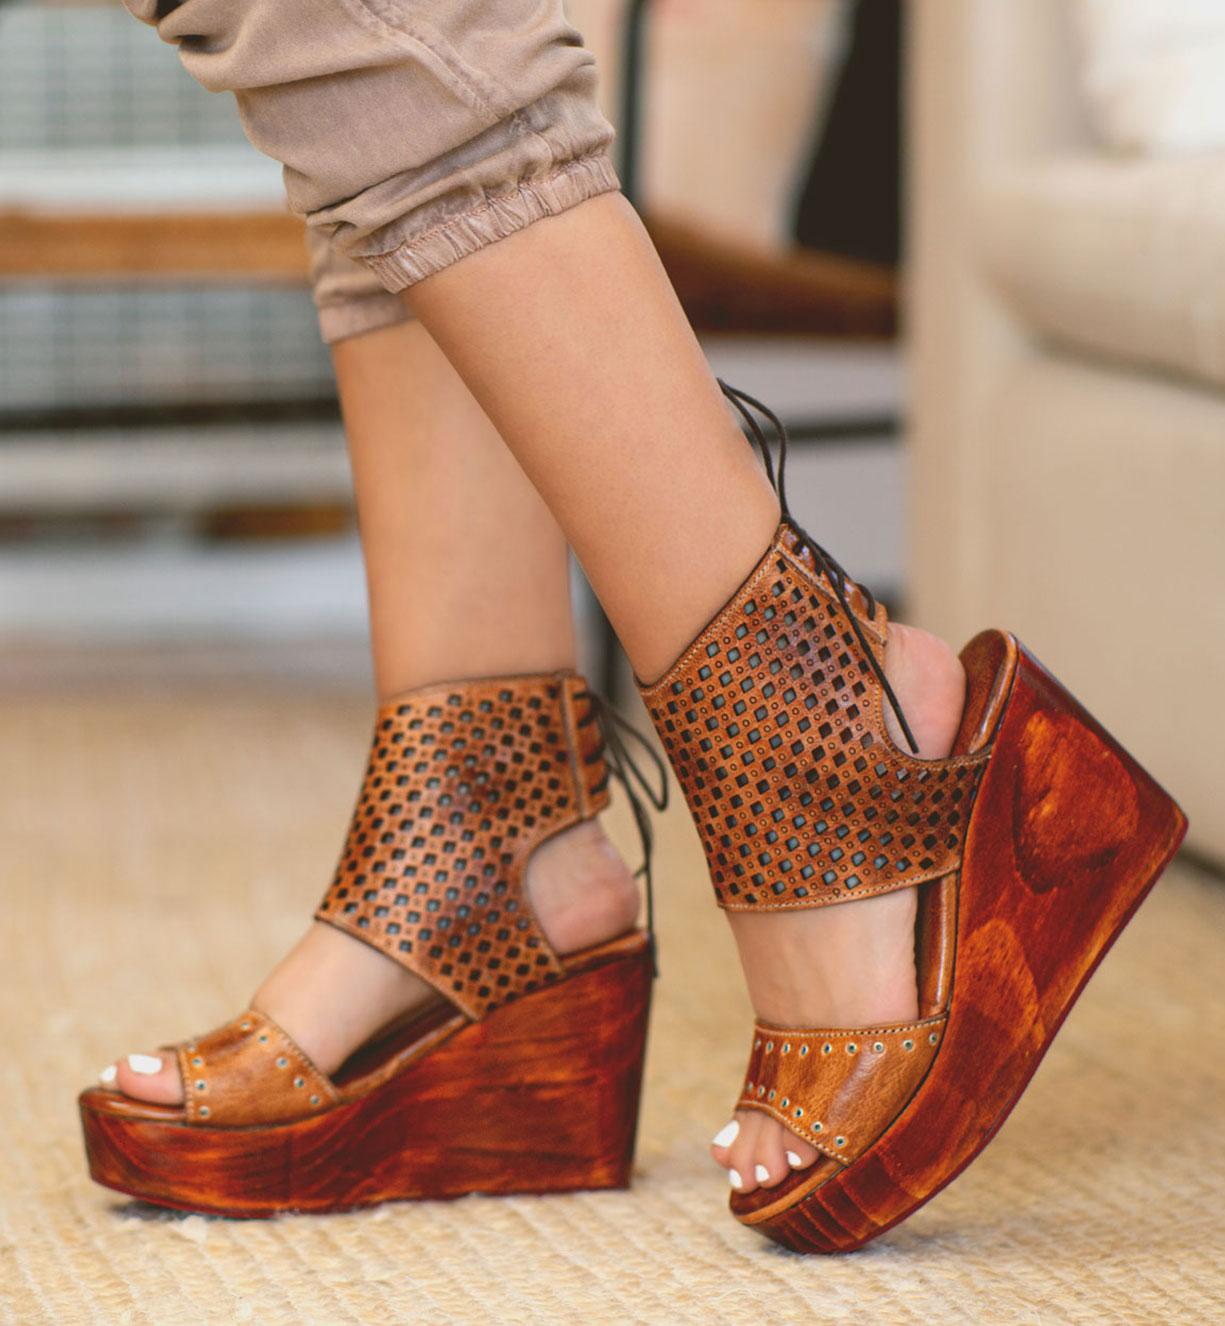 bedstu women's wedges and wooden platform sandals heels